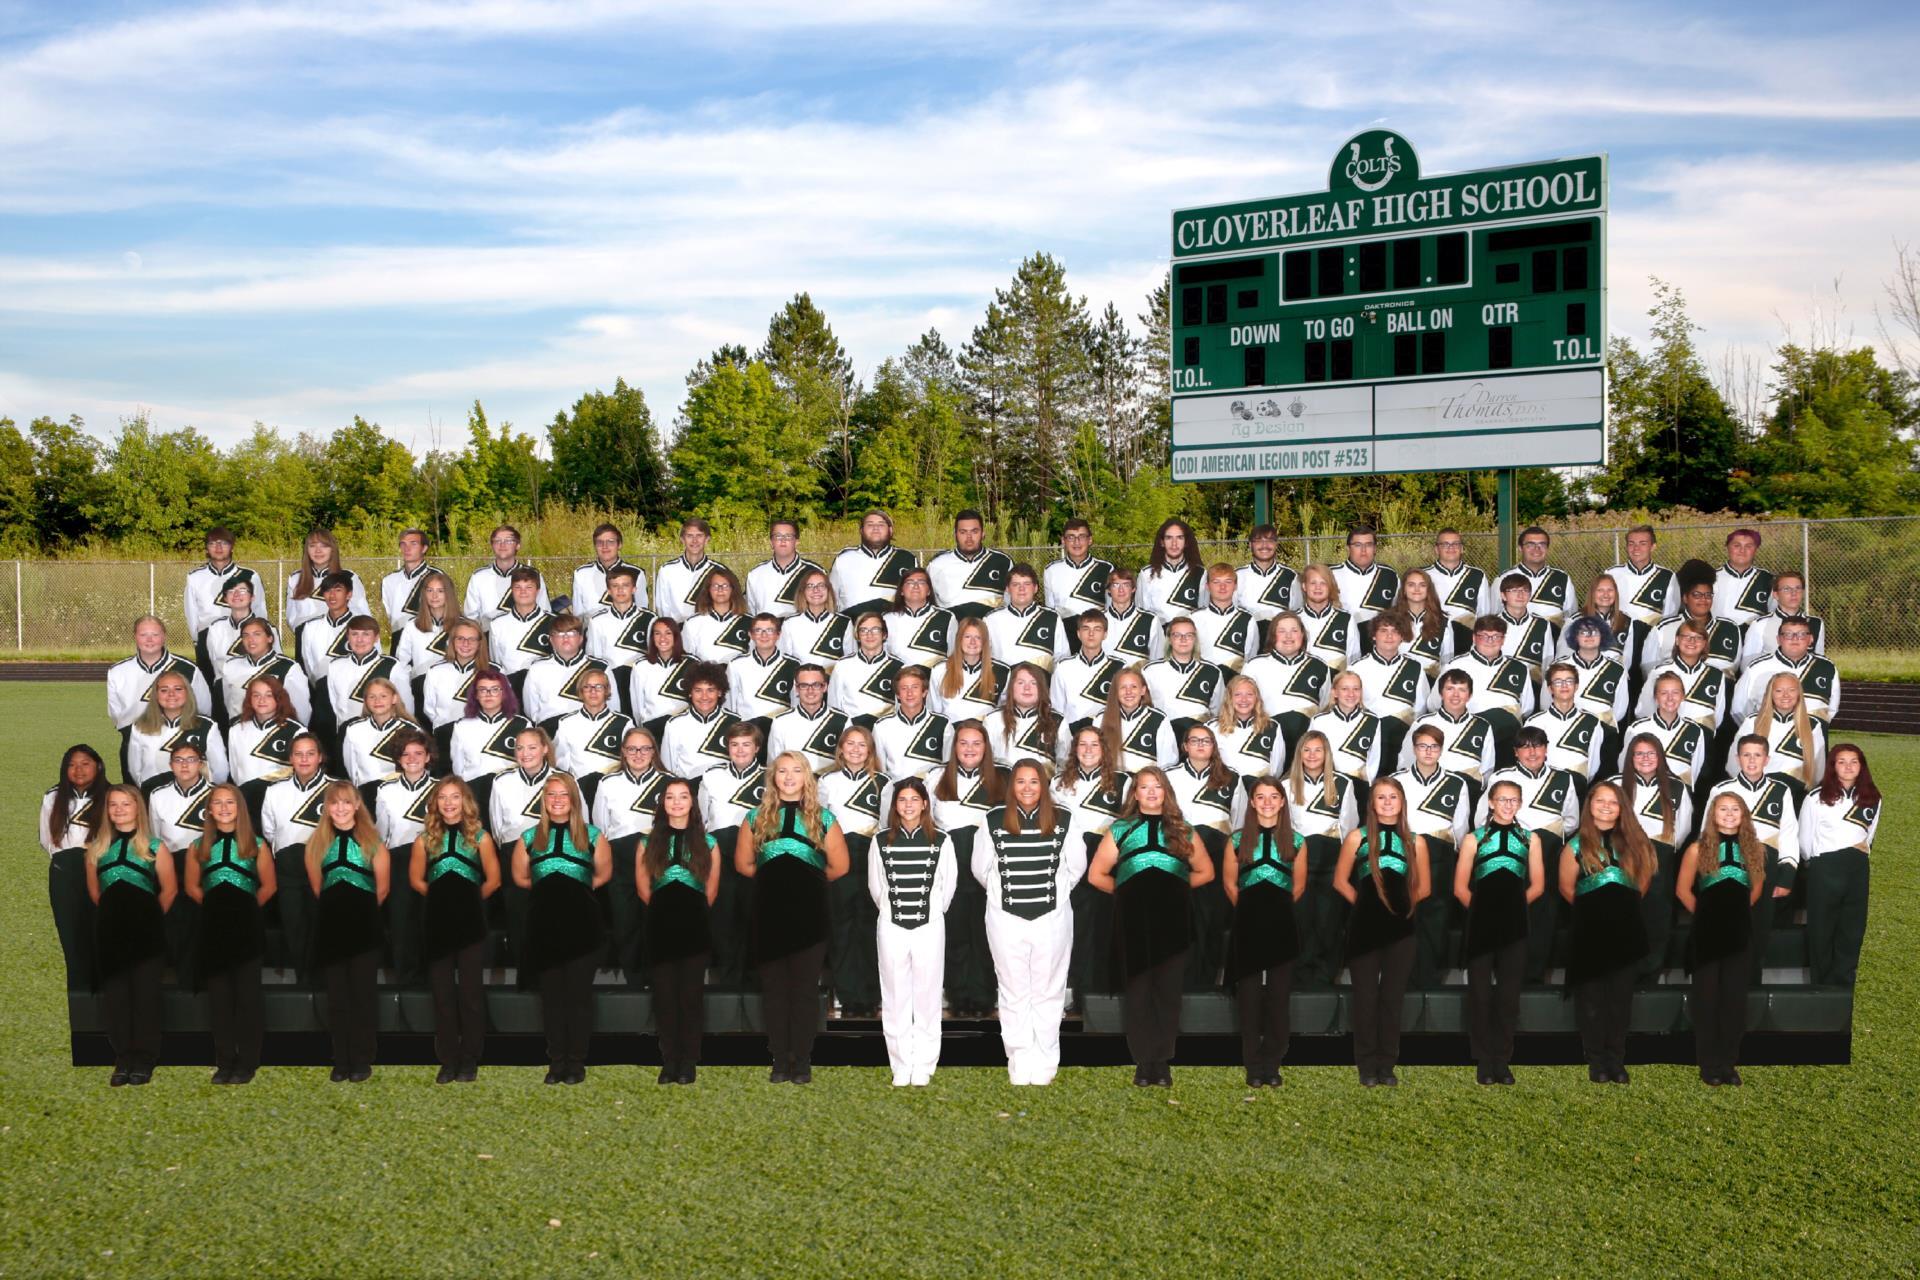 2019 Cloverleaf High School Marching Band